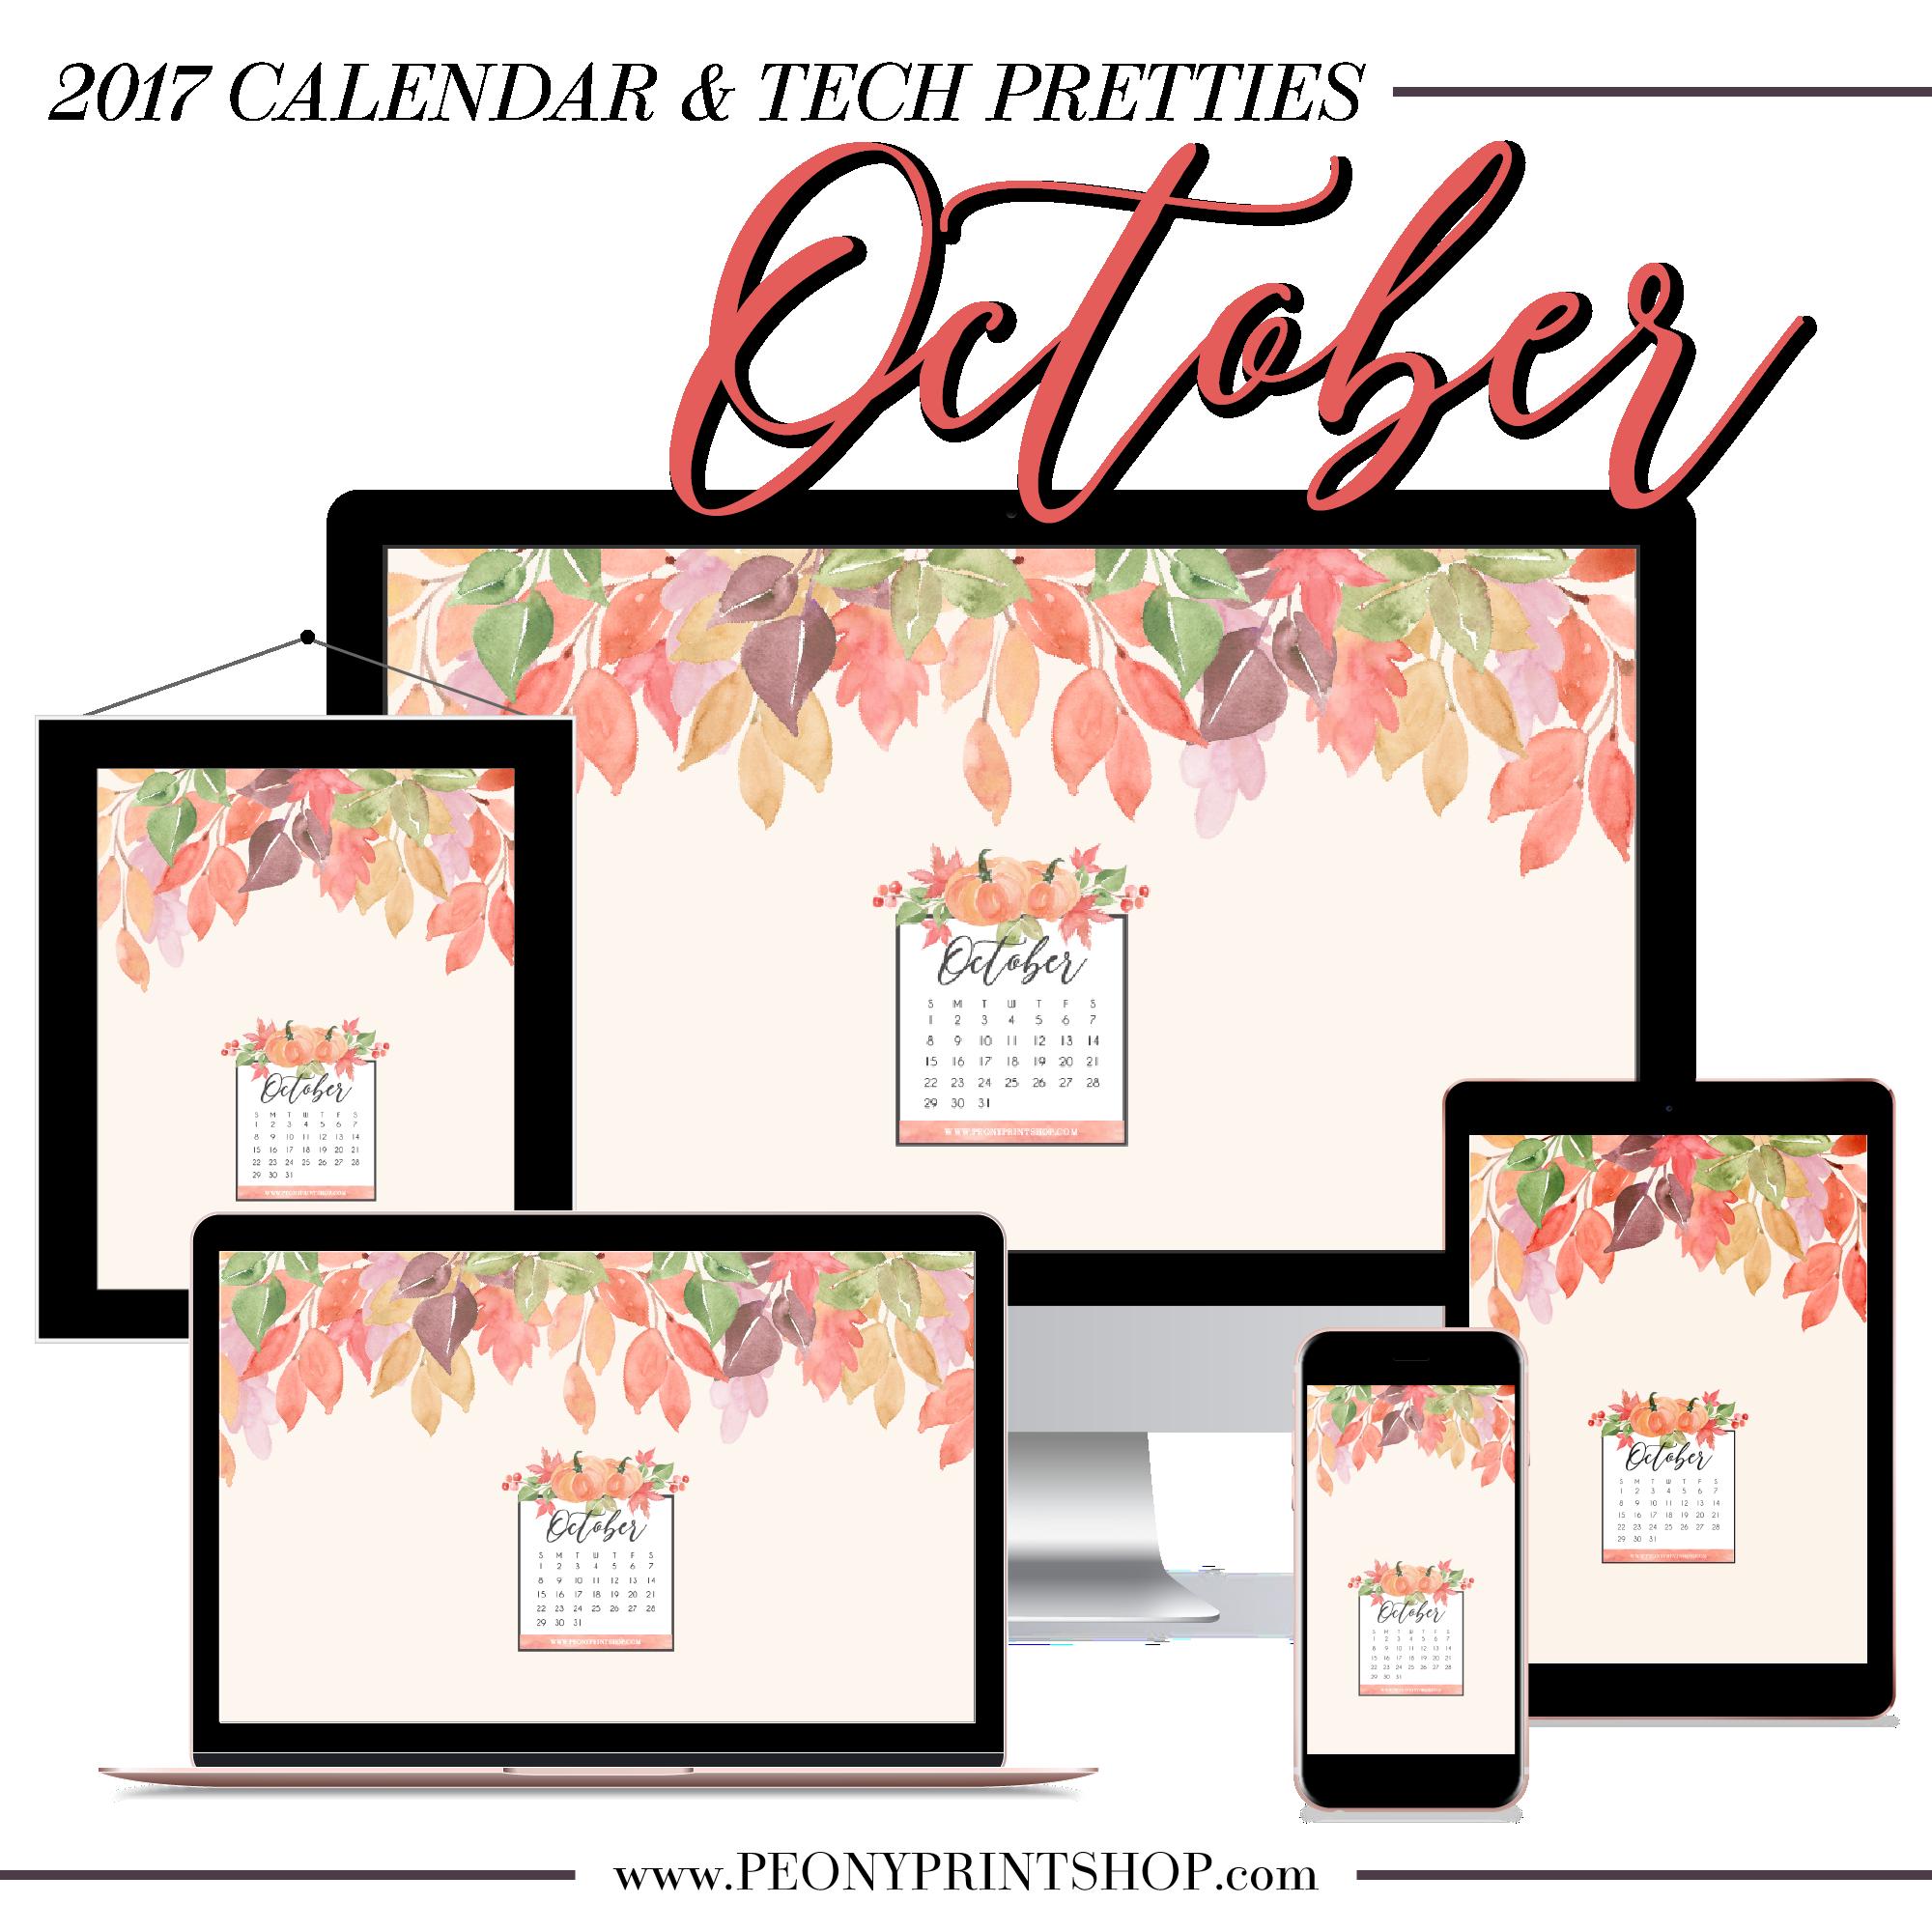 2017 October Tech Pretties + Printable Calendar | PeonyPrintshop.com